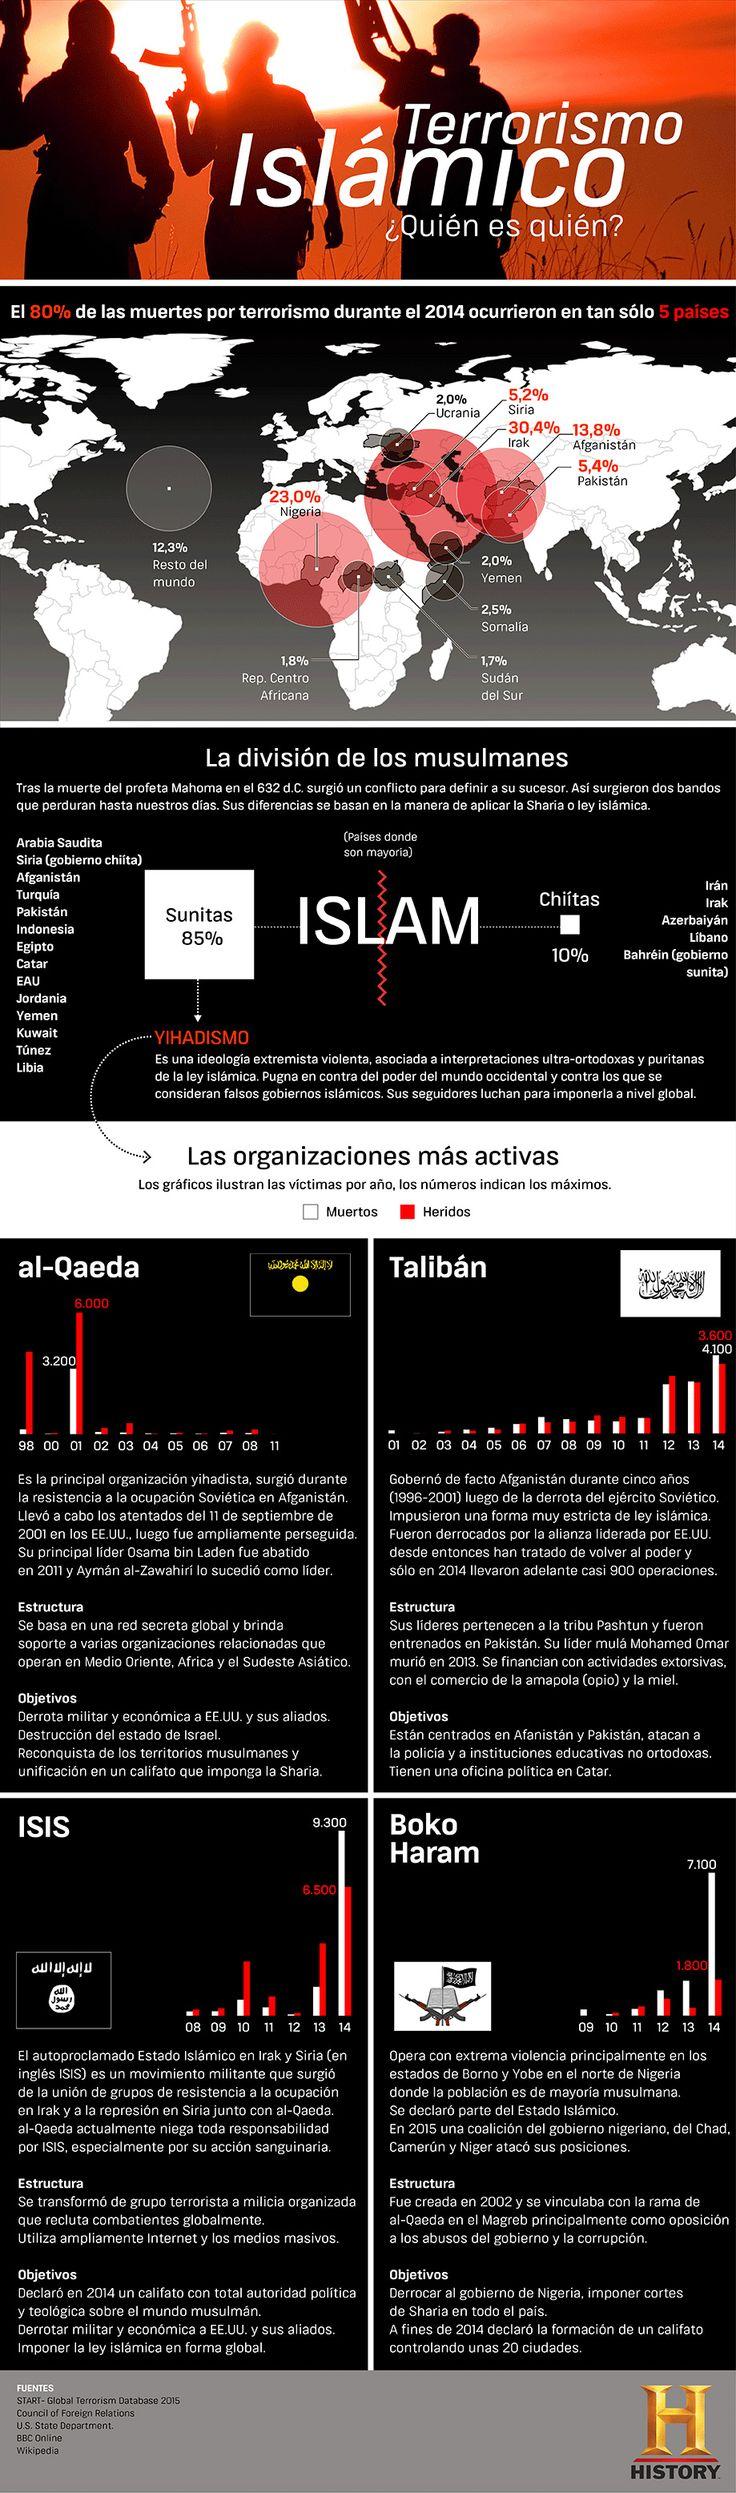 Conoce acerca de los principales grupos terroristas islámicos de la actualidad